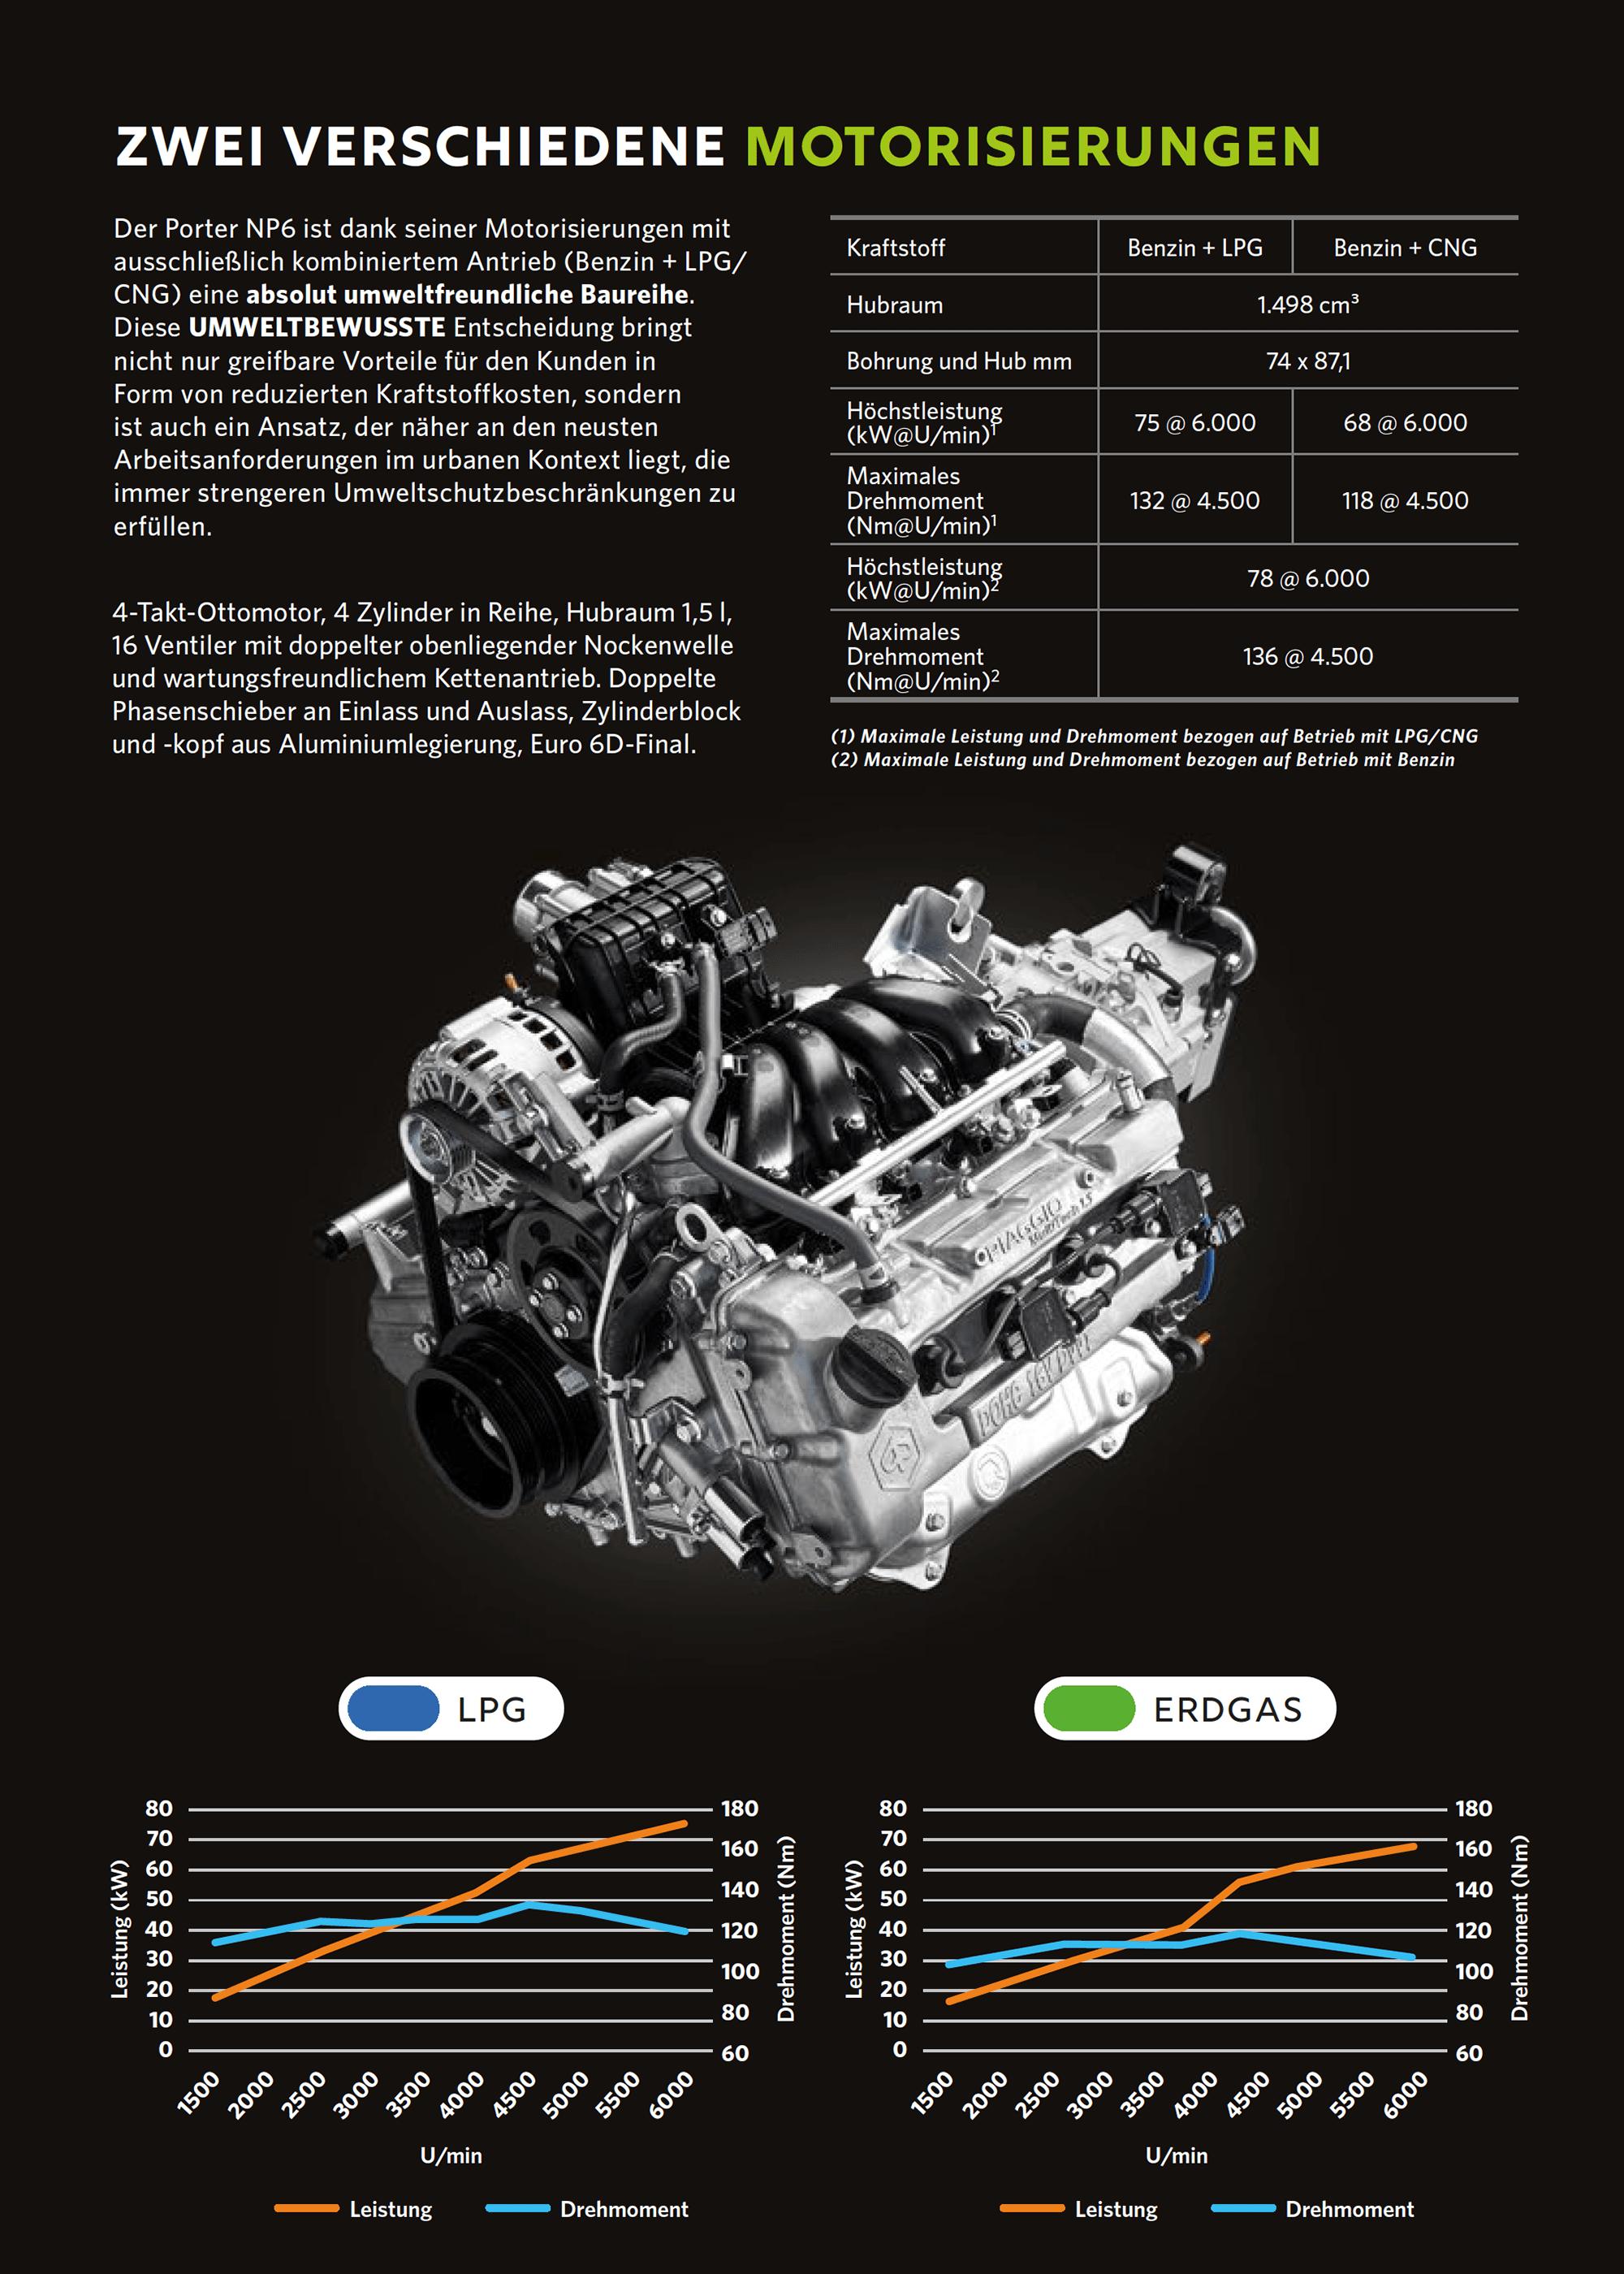 Piaggio Porter NP6 Motorisierung: Der längs unter der Kabine angeordnete Motor des Porter NP6 hat einen Hubraum von 1.500 cm³, vier Zylinder in Reihenanordnung mit doppelter obenliegender Nockenwellenverteilung und indirekter elektronischer Einspritzung. Erhältlich in den Optionen Short und Long Range, je nach Einsatzbereich.